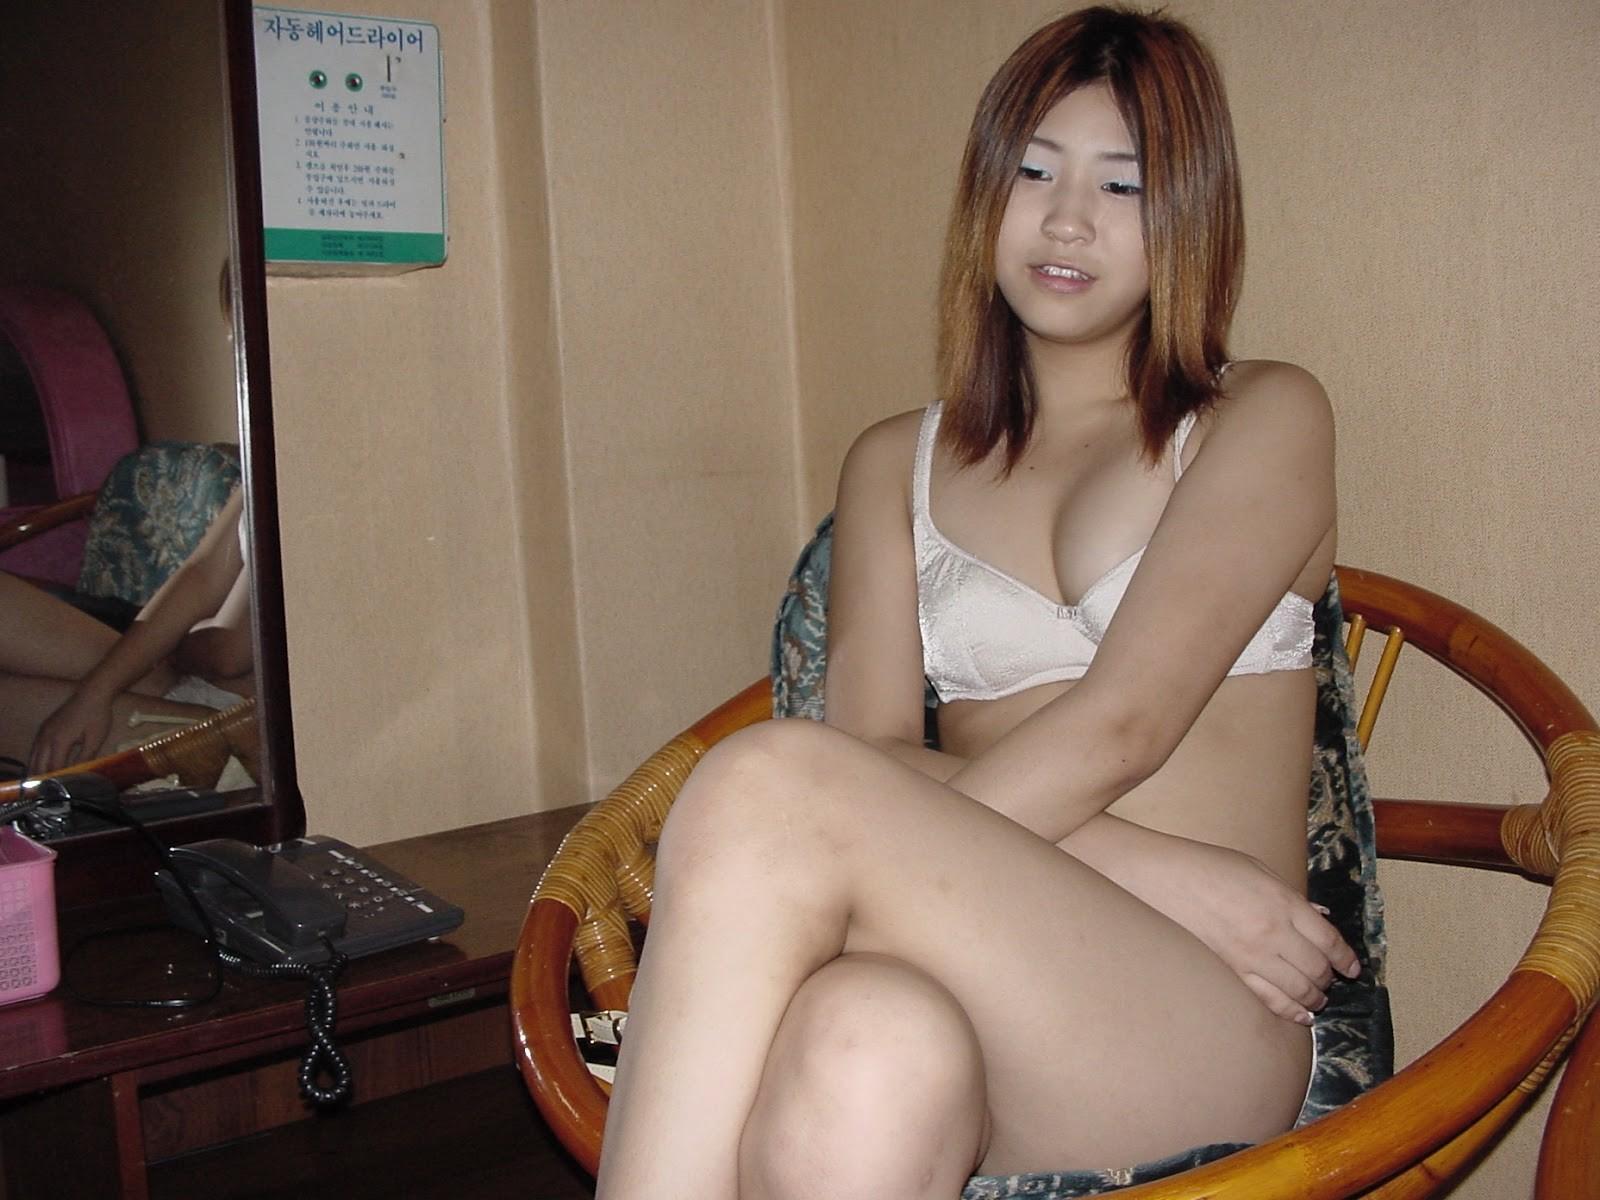 Голая пизда жены знакомого китайца